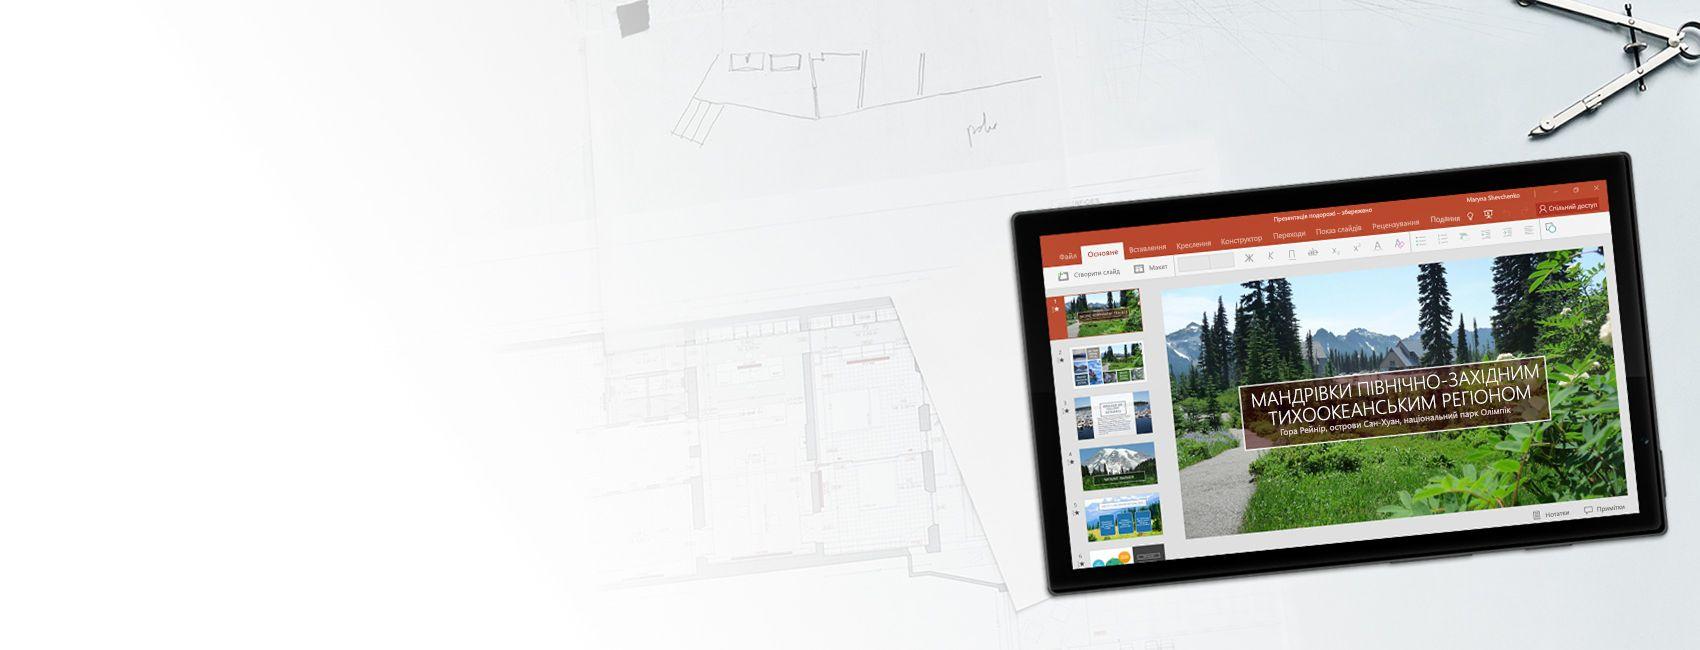 Планшет Windows, на якому відкрито презентацію PowerPoint про подорожі західним узбережжям Тихого океану в PowerPoint для Windows 10 Mobile